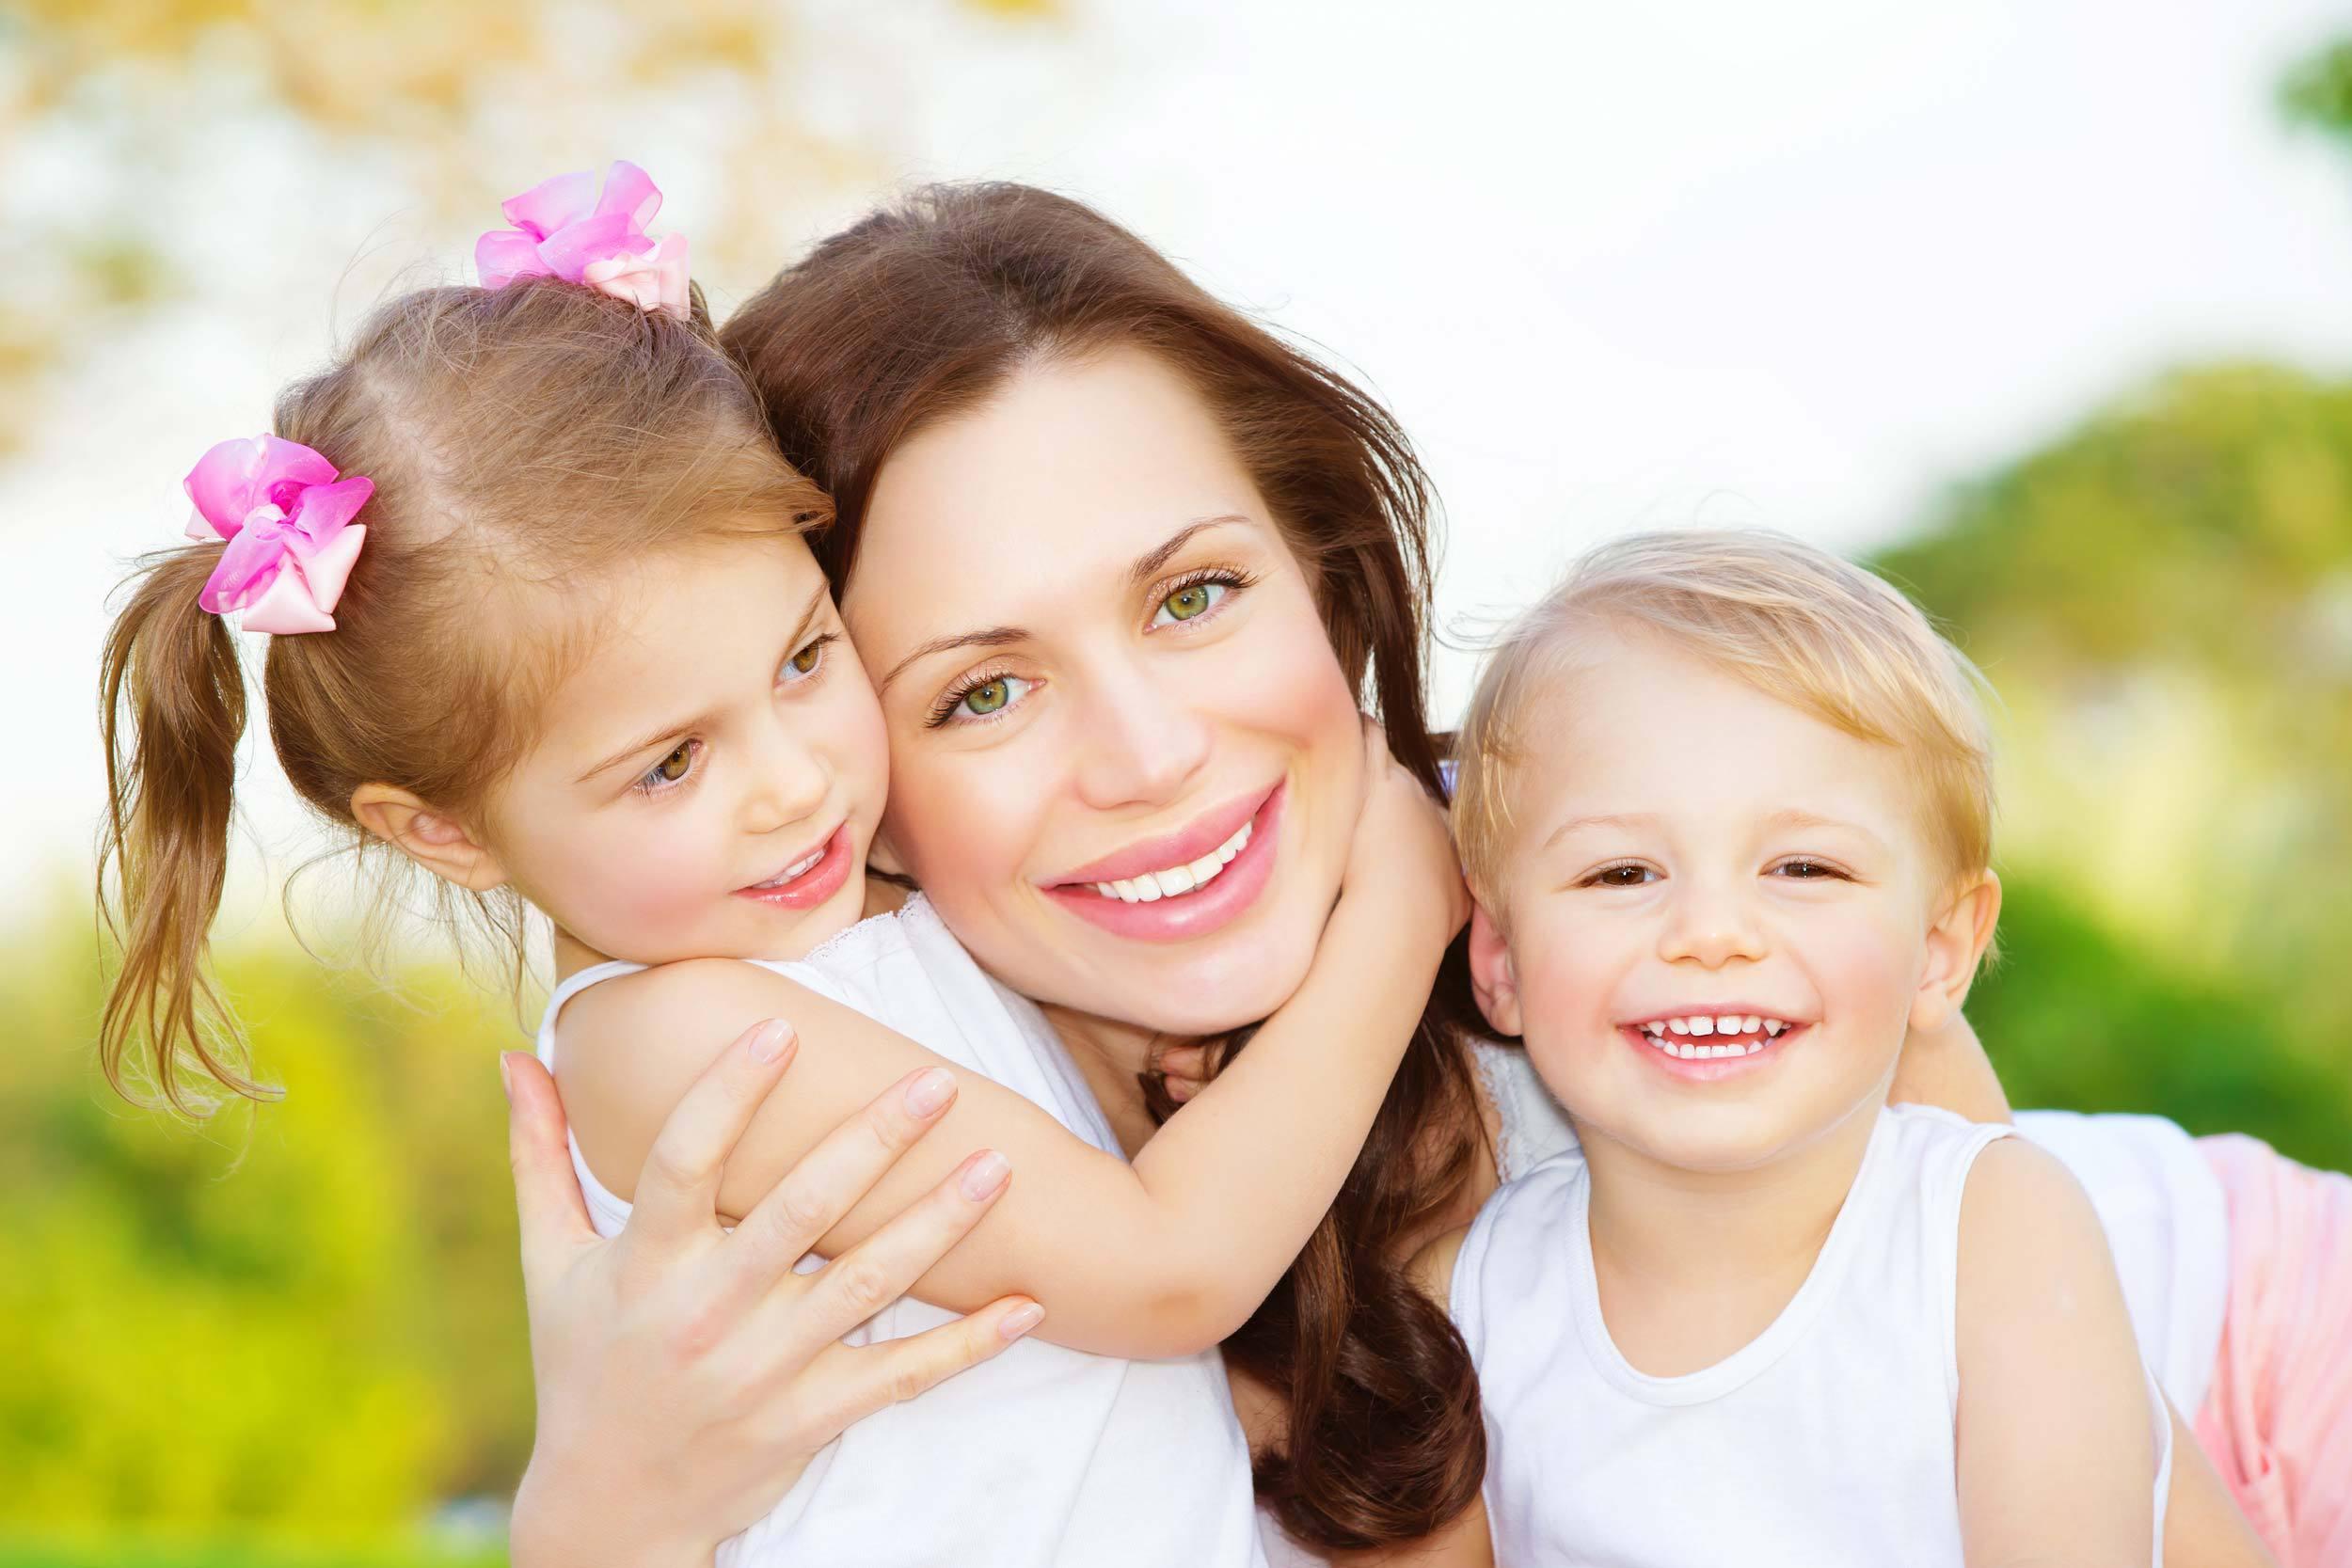 Caledonia Family Dentistry